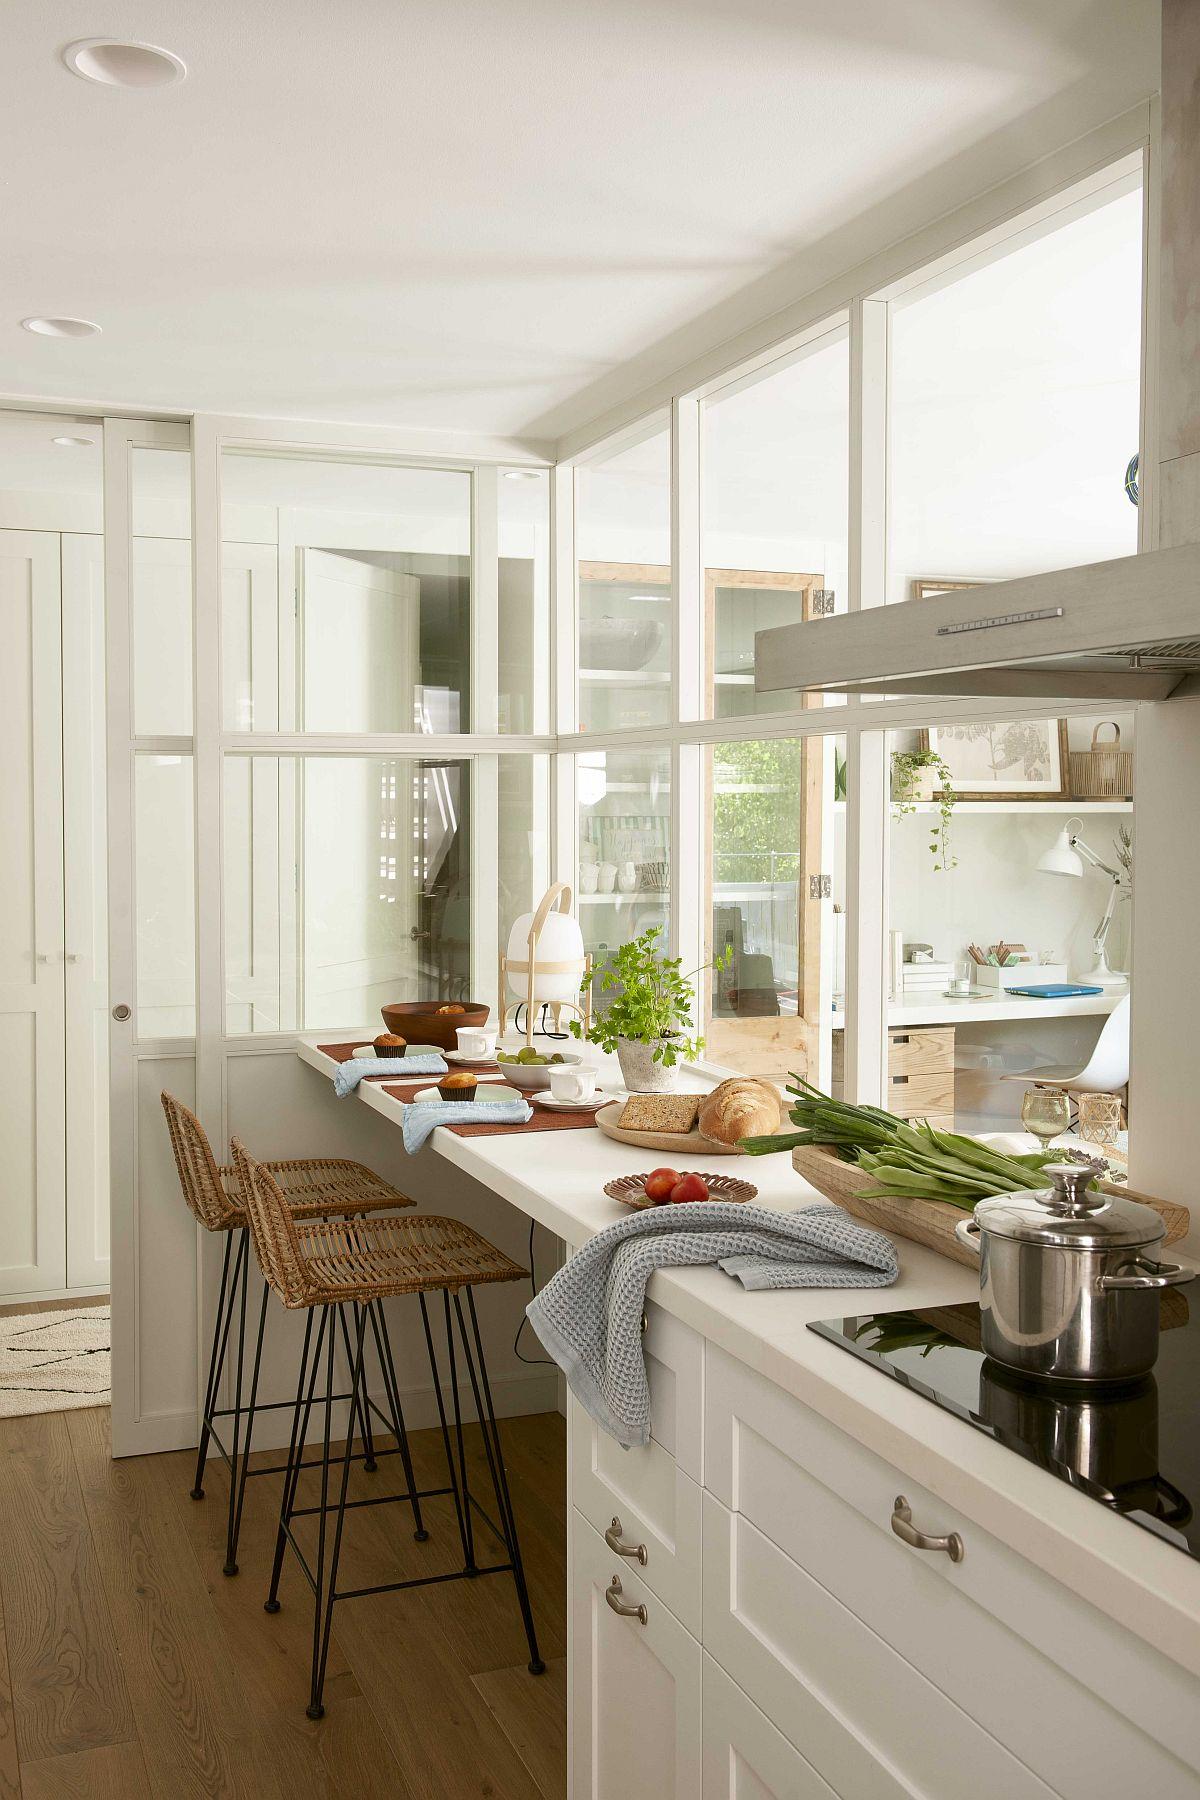 Cum a fost rezolvată problema luminii naturale în bucătărie? Prin deschiderea parțială a bucătăriei către ferestra din living. Deschiderea cu tâmplărie cu geamuri a fost conform temei de amenajare cu accente rustice, dar la vedere este locul de luat masa din bucătărie, deci nimic din partea de doatare tehnică, care să aglomereze imaginea bucătăriei văzută dinspre living.